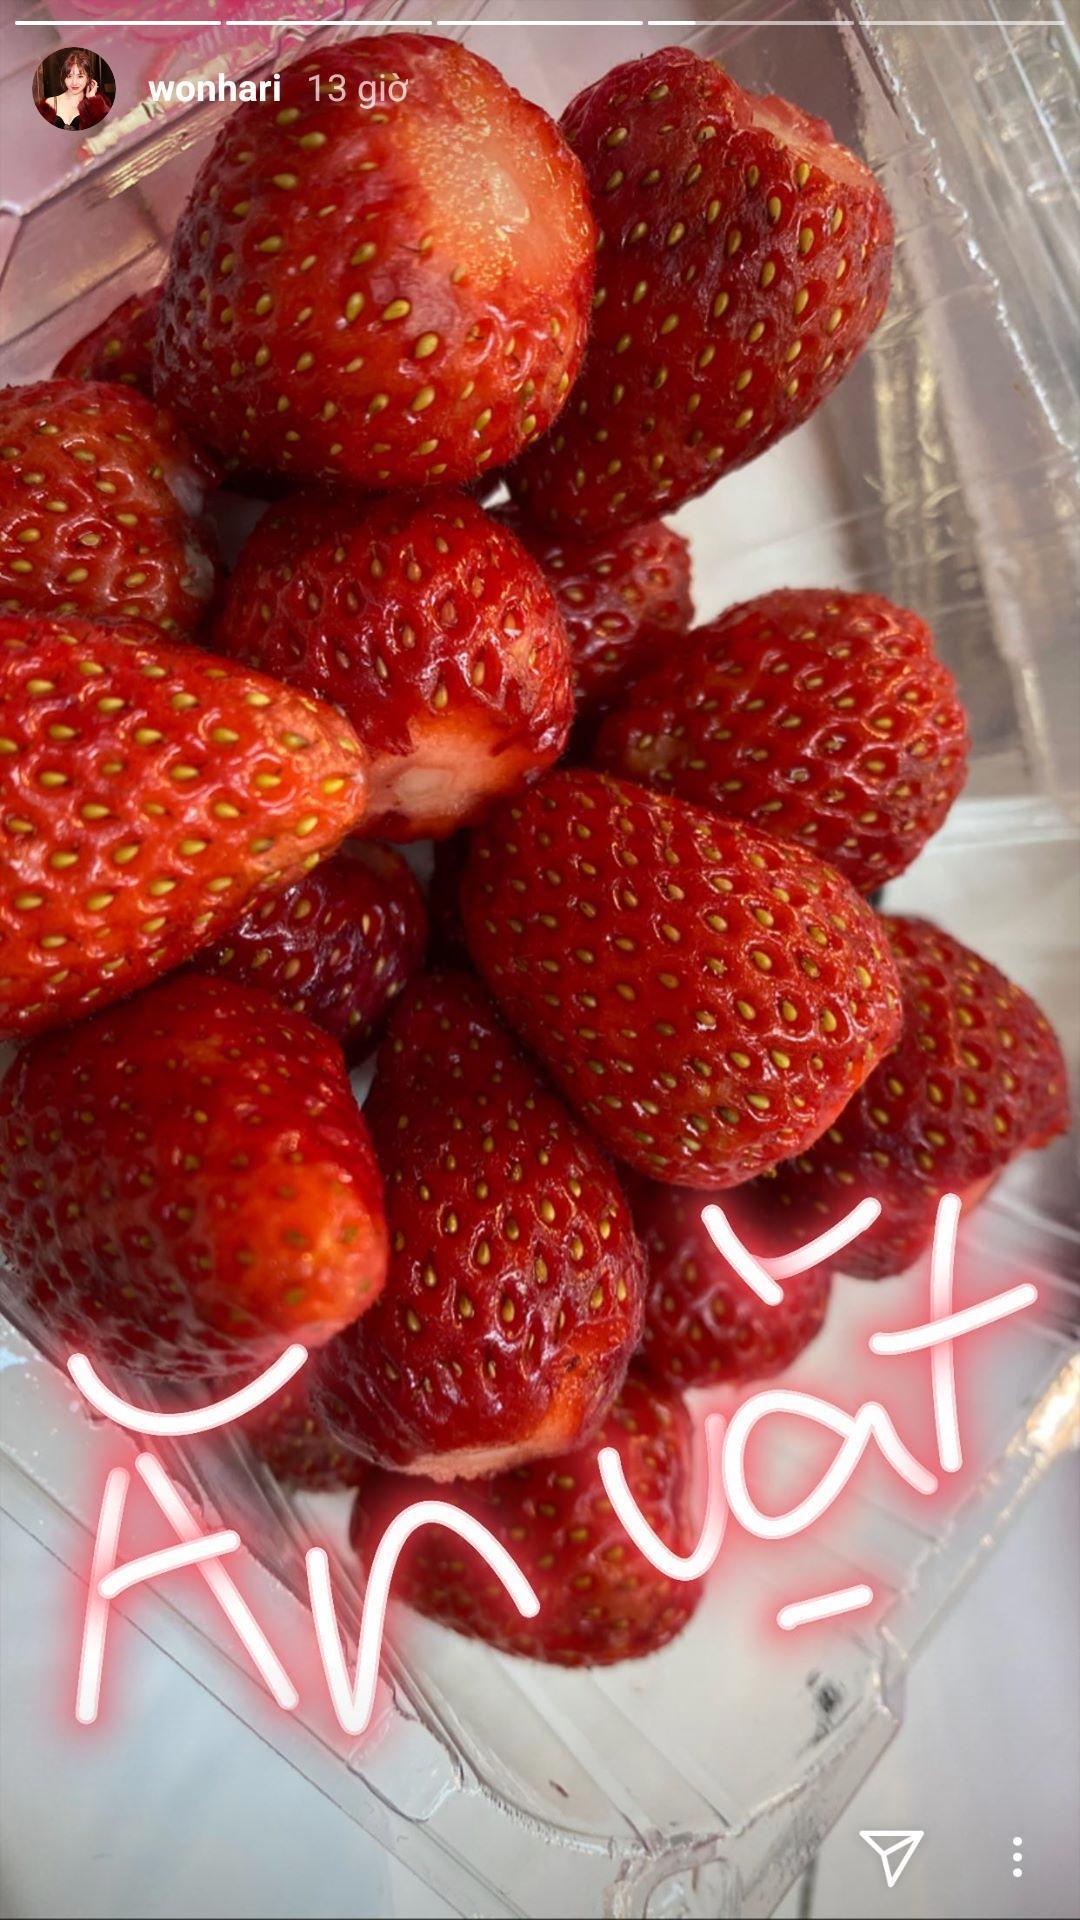 Sao Việt giảm cân nhờ 5 loại hoa quả này, bạn mà học theo thì đến Tết khéo cũng gầy mảnh như họ 4